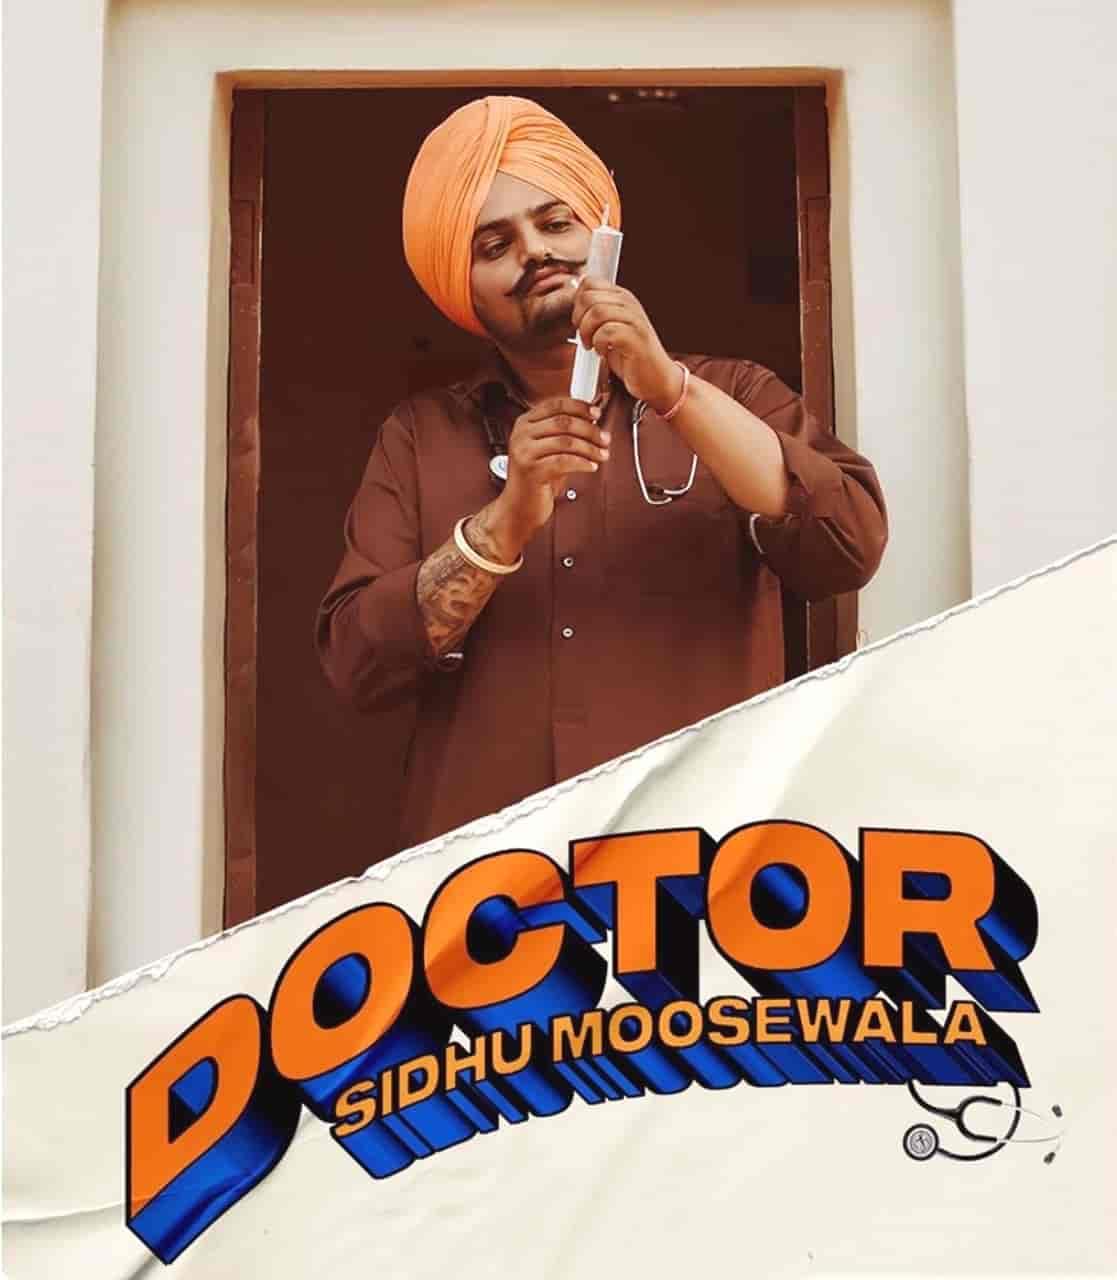 Doctor Punjabi Song Image By Sidhu Moose Wala